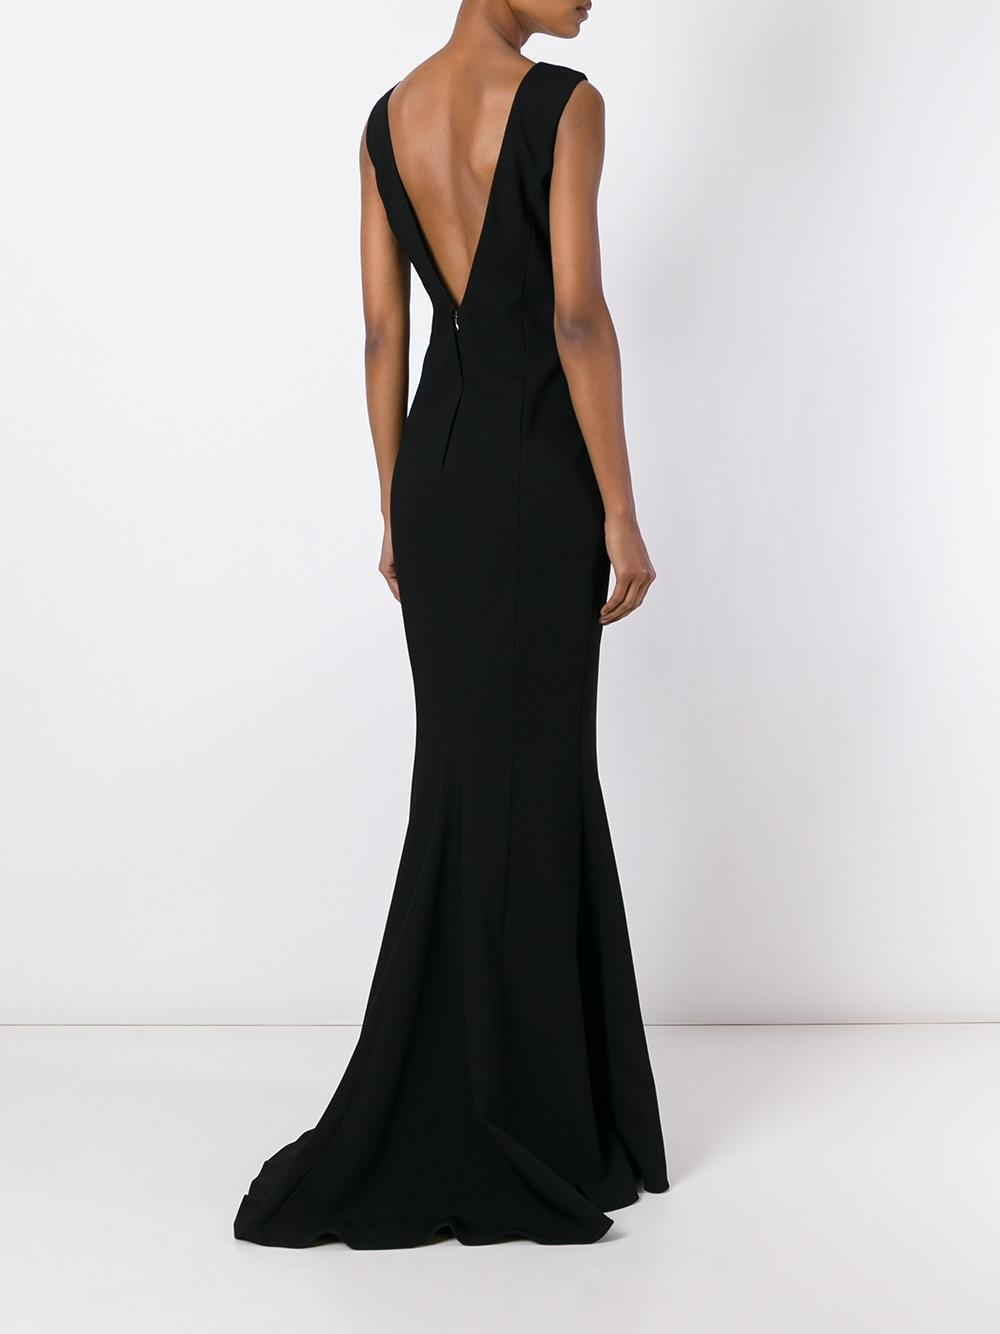 Schön D&G Abendkleider BoutiqueDesigner Elegant D&G Abendkleider Bester Preis